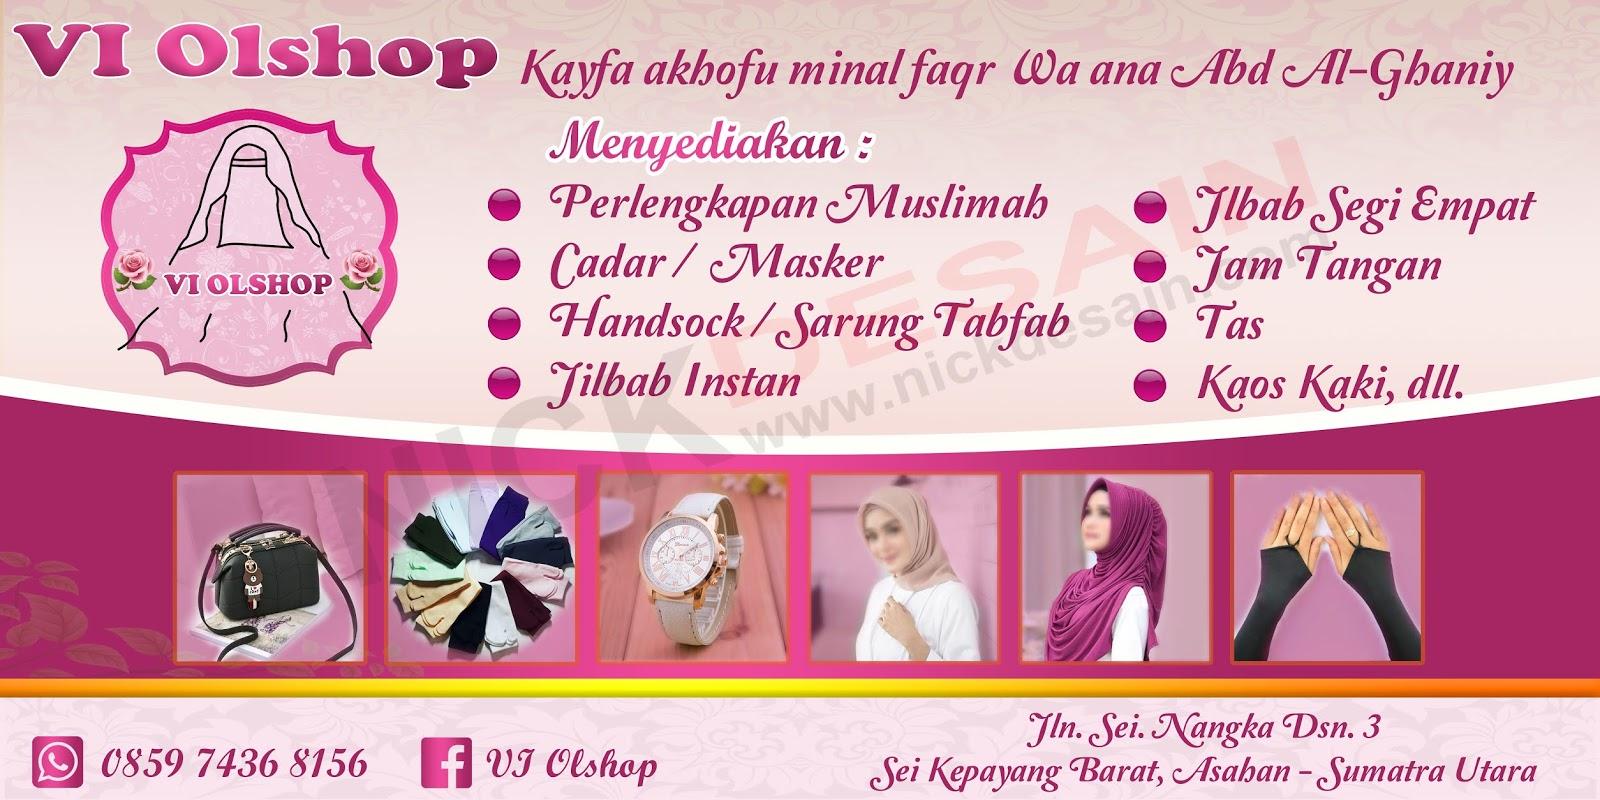 Contoh Desain banner Spanduk Olshop Pink - Percetakan Tanjungbalai